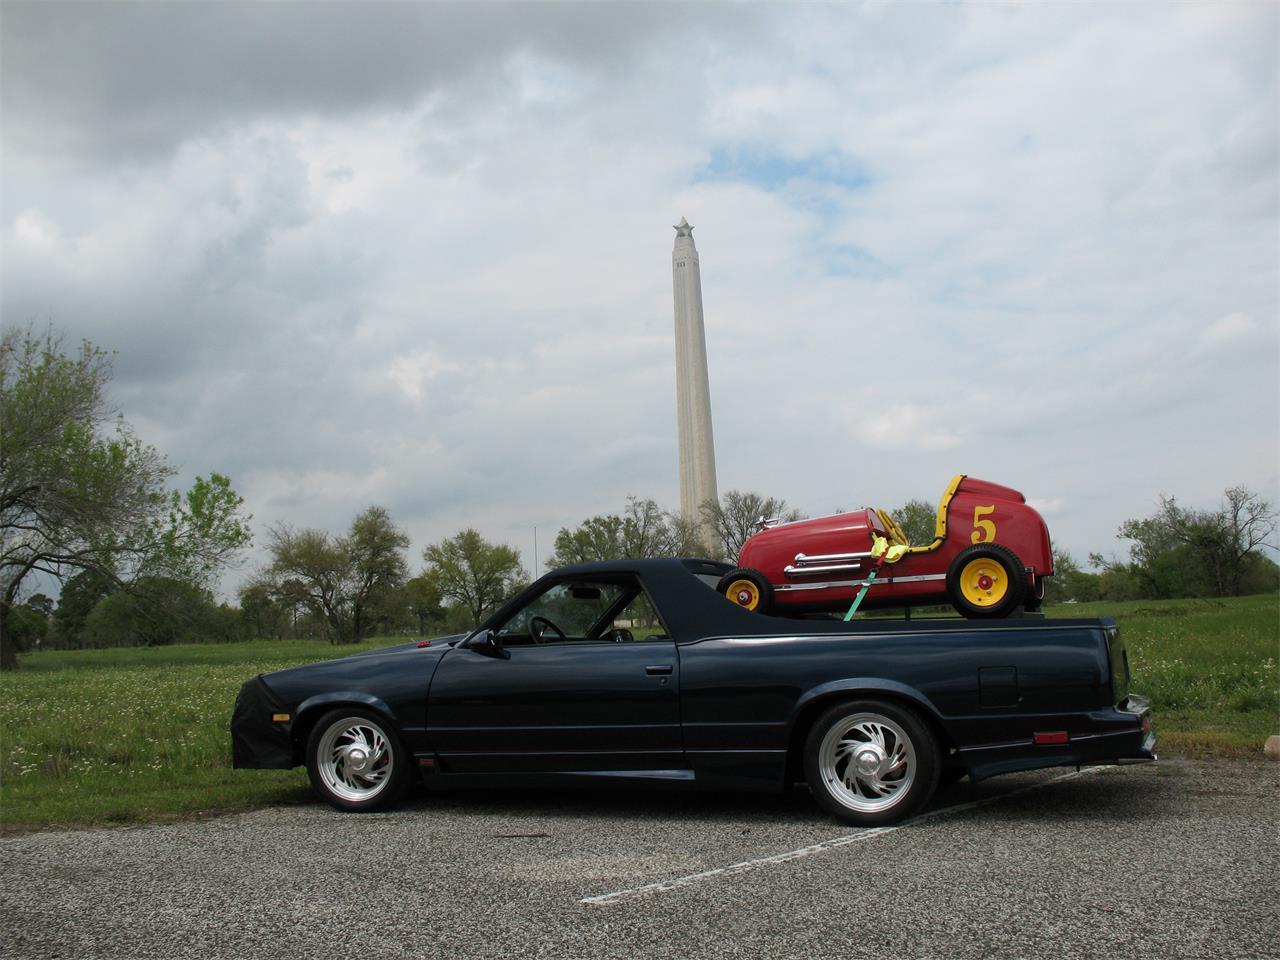 1982 Chevrolet El Camino (CC-1214356) for sale in Crosby, Texas